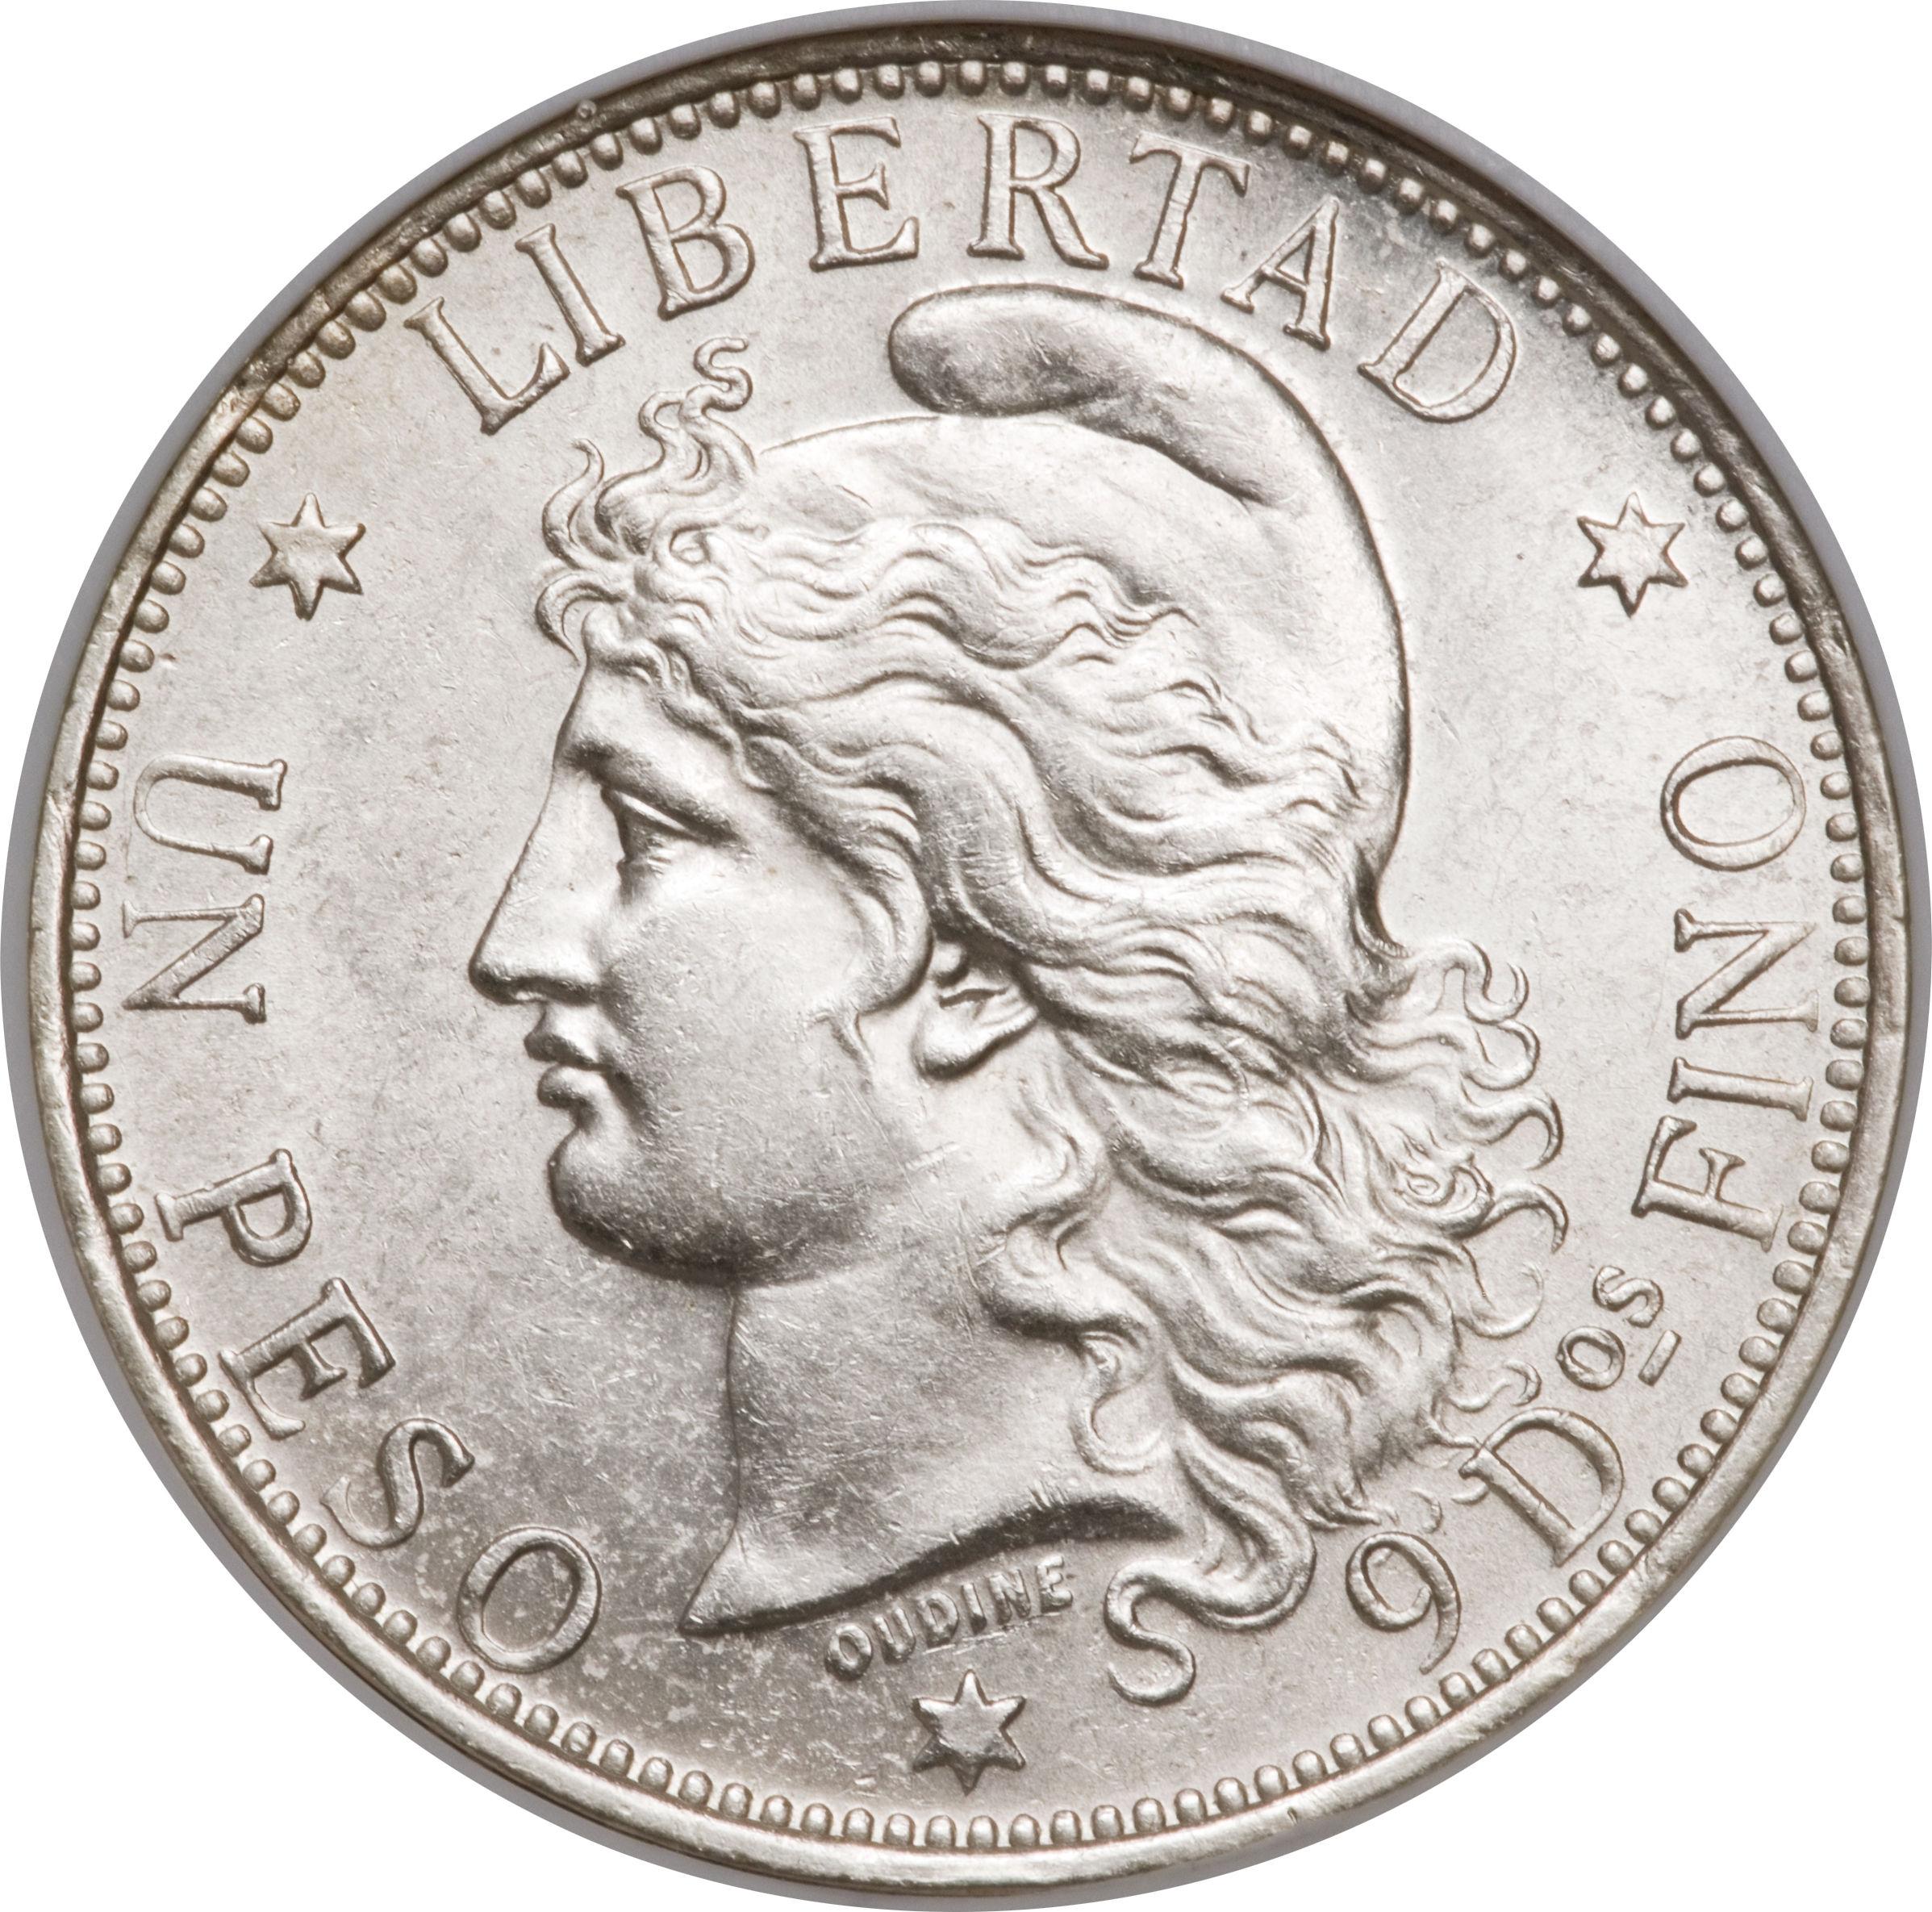 1 Peso Argentine Numista